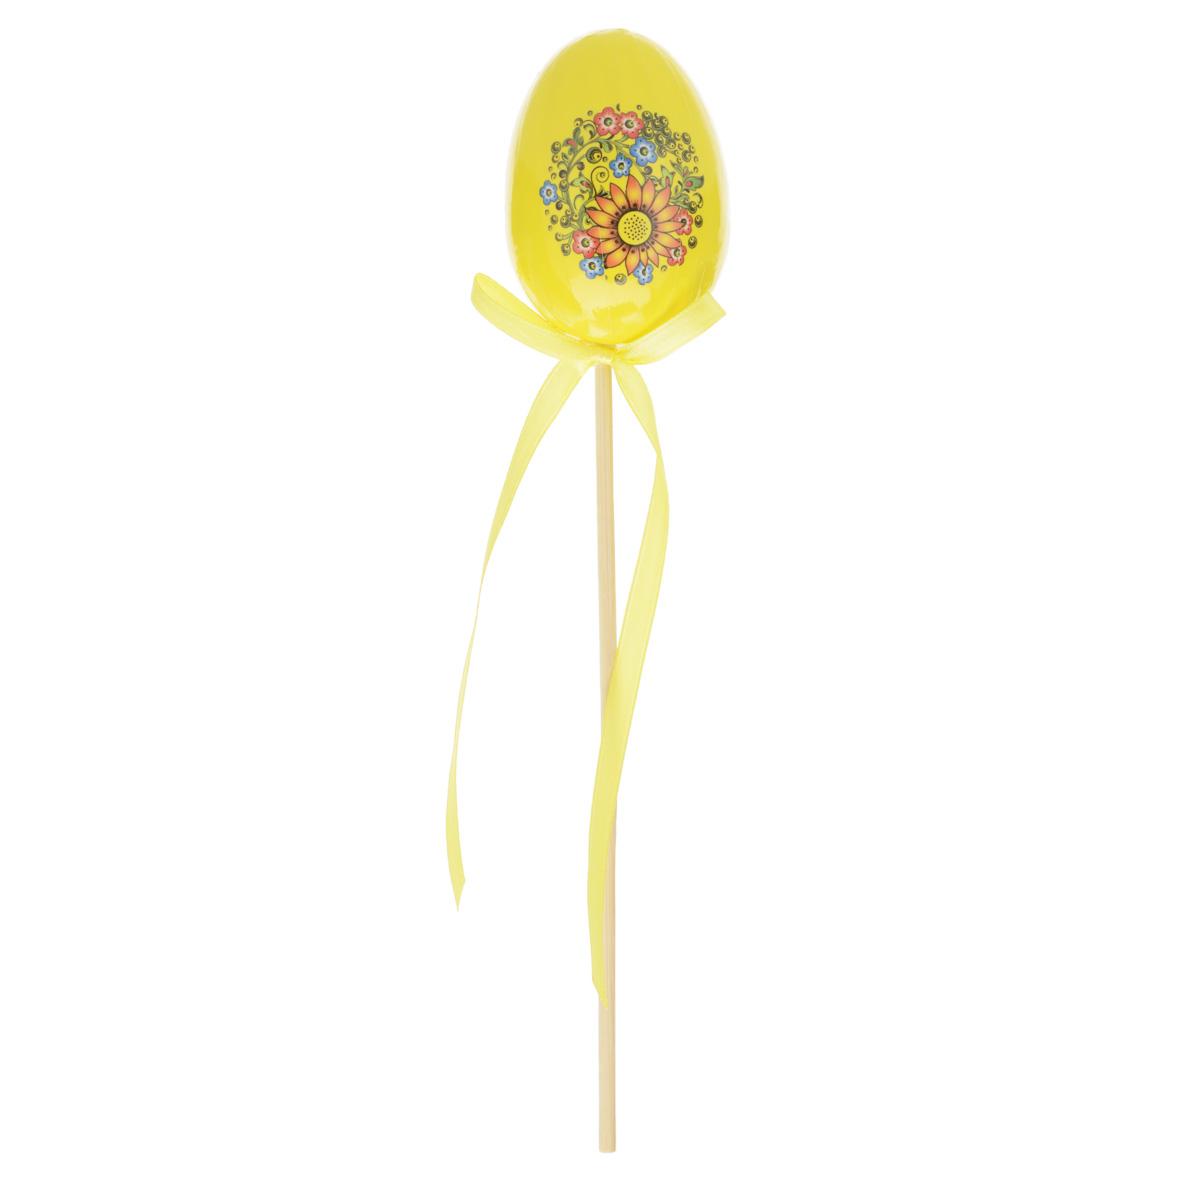 Декоративное украшение на ножке Home Queen Яйцо, цвет: желтый, высота 25 см64415_3Декоративное украшение Home Queen Яйцо выполнено из пенопласта, ламинированной бумаги в виде пасхального яйца на деревянной ножке, декорированного цветочным рисунком. Изделие украшено текстильной лентой. Такое украшение прекрасно дополнит подарок для друзей или близких. Высота: 25 см. Размер яйца: 7 см х 5 см. Материал: пенопласт, ламинированная бумага.